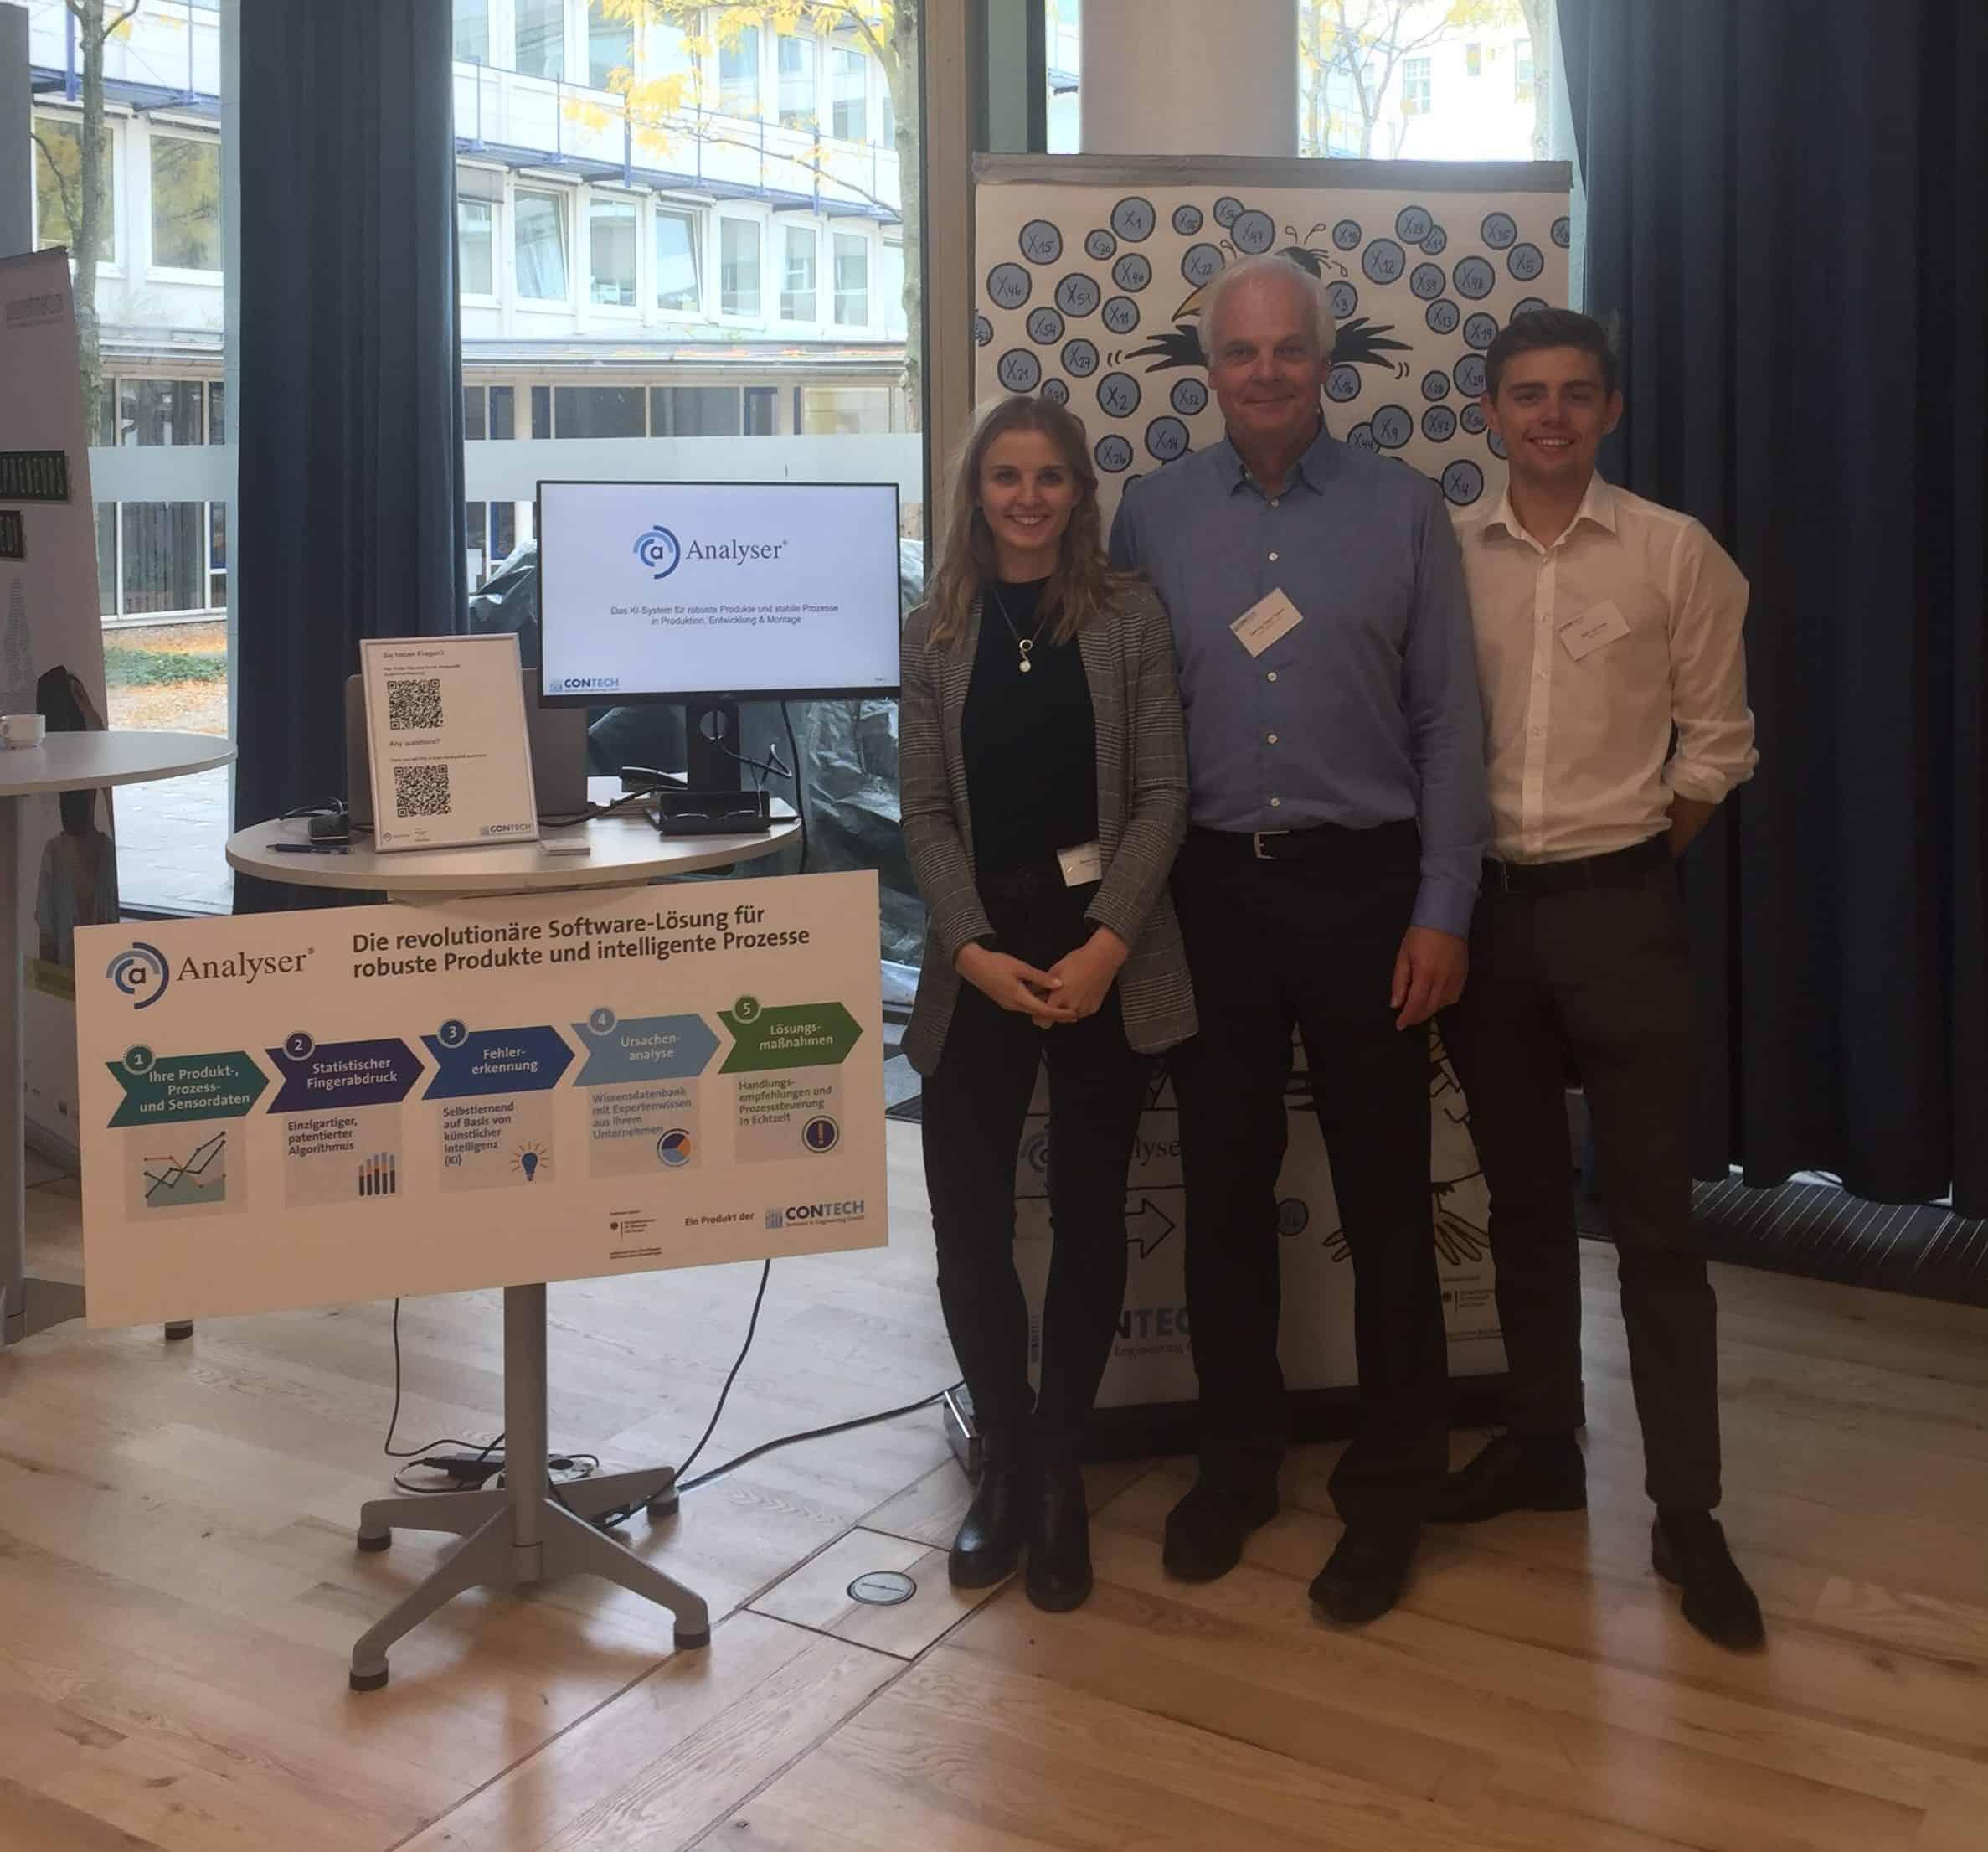 IHK Internet der Dinge Veranstaltung Startup meets Corporates_2019_Contech Software & Engineering GmbH